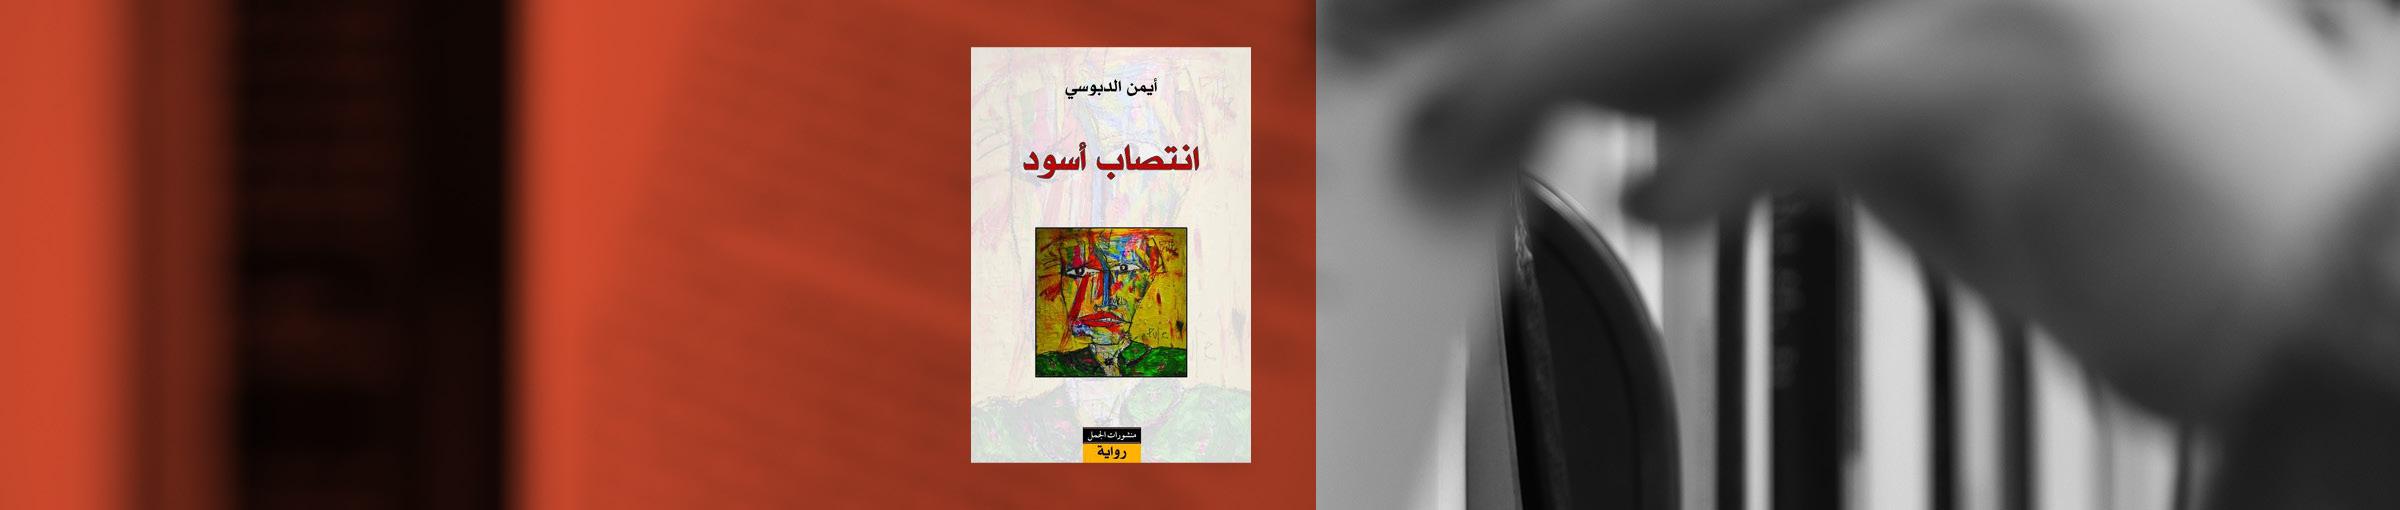 """""""انتصاب أسود"""" رواية بورنوغرافية تونسية"""